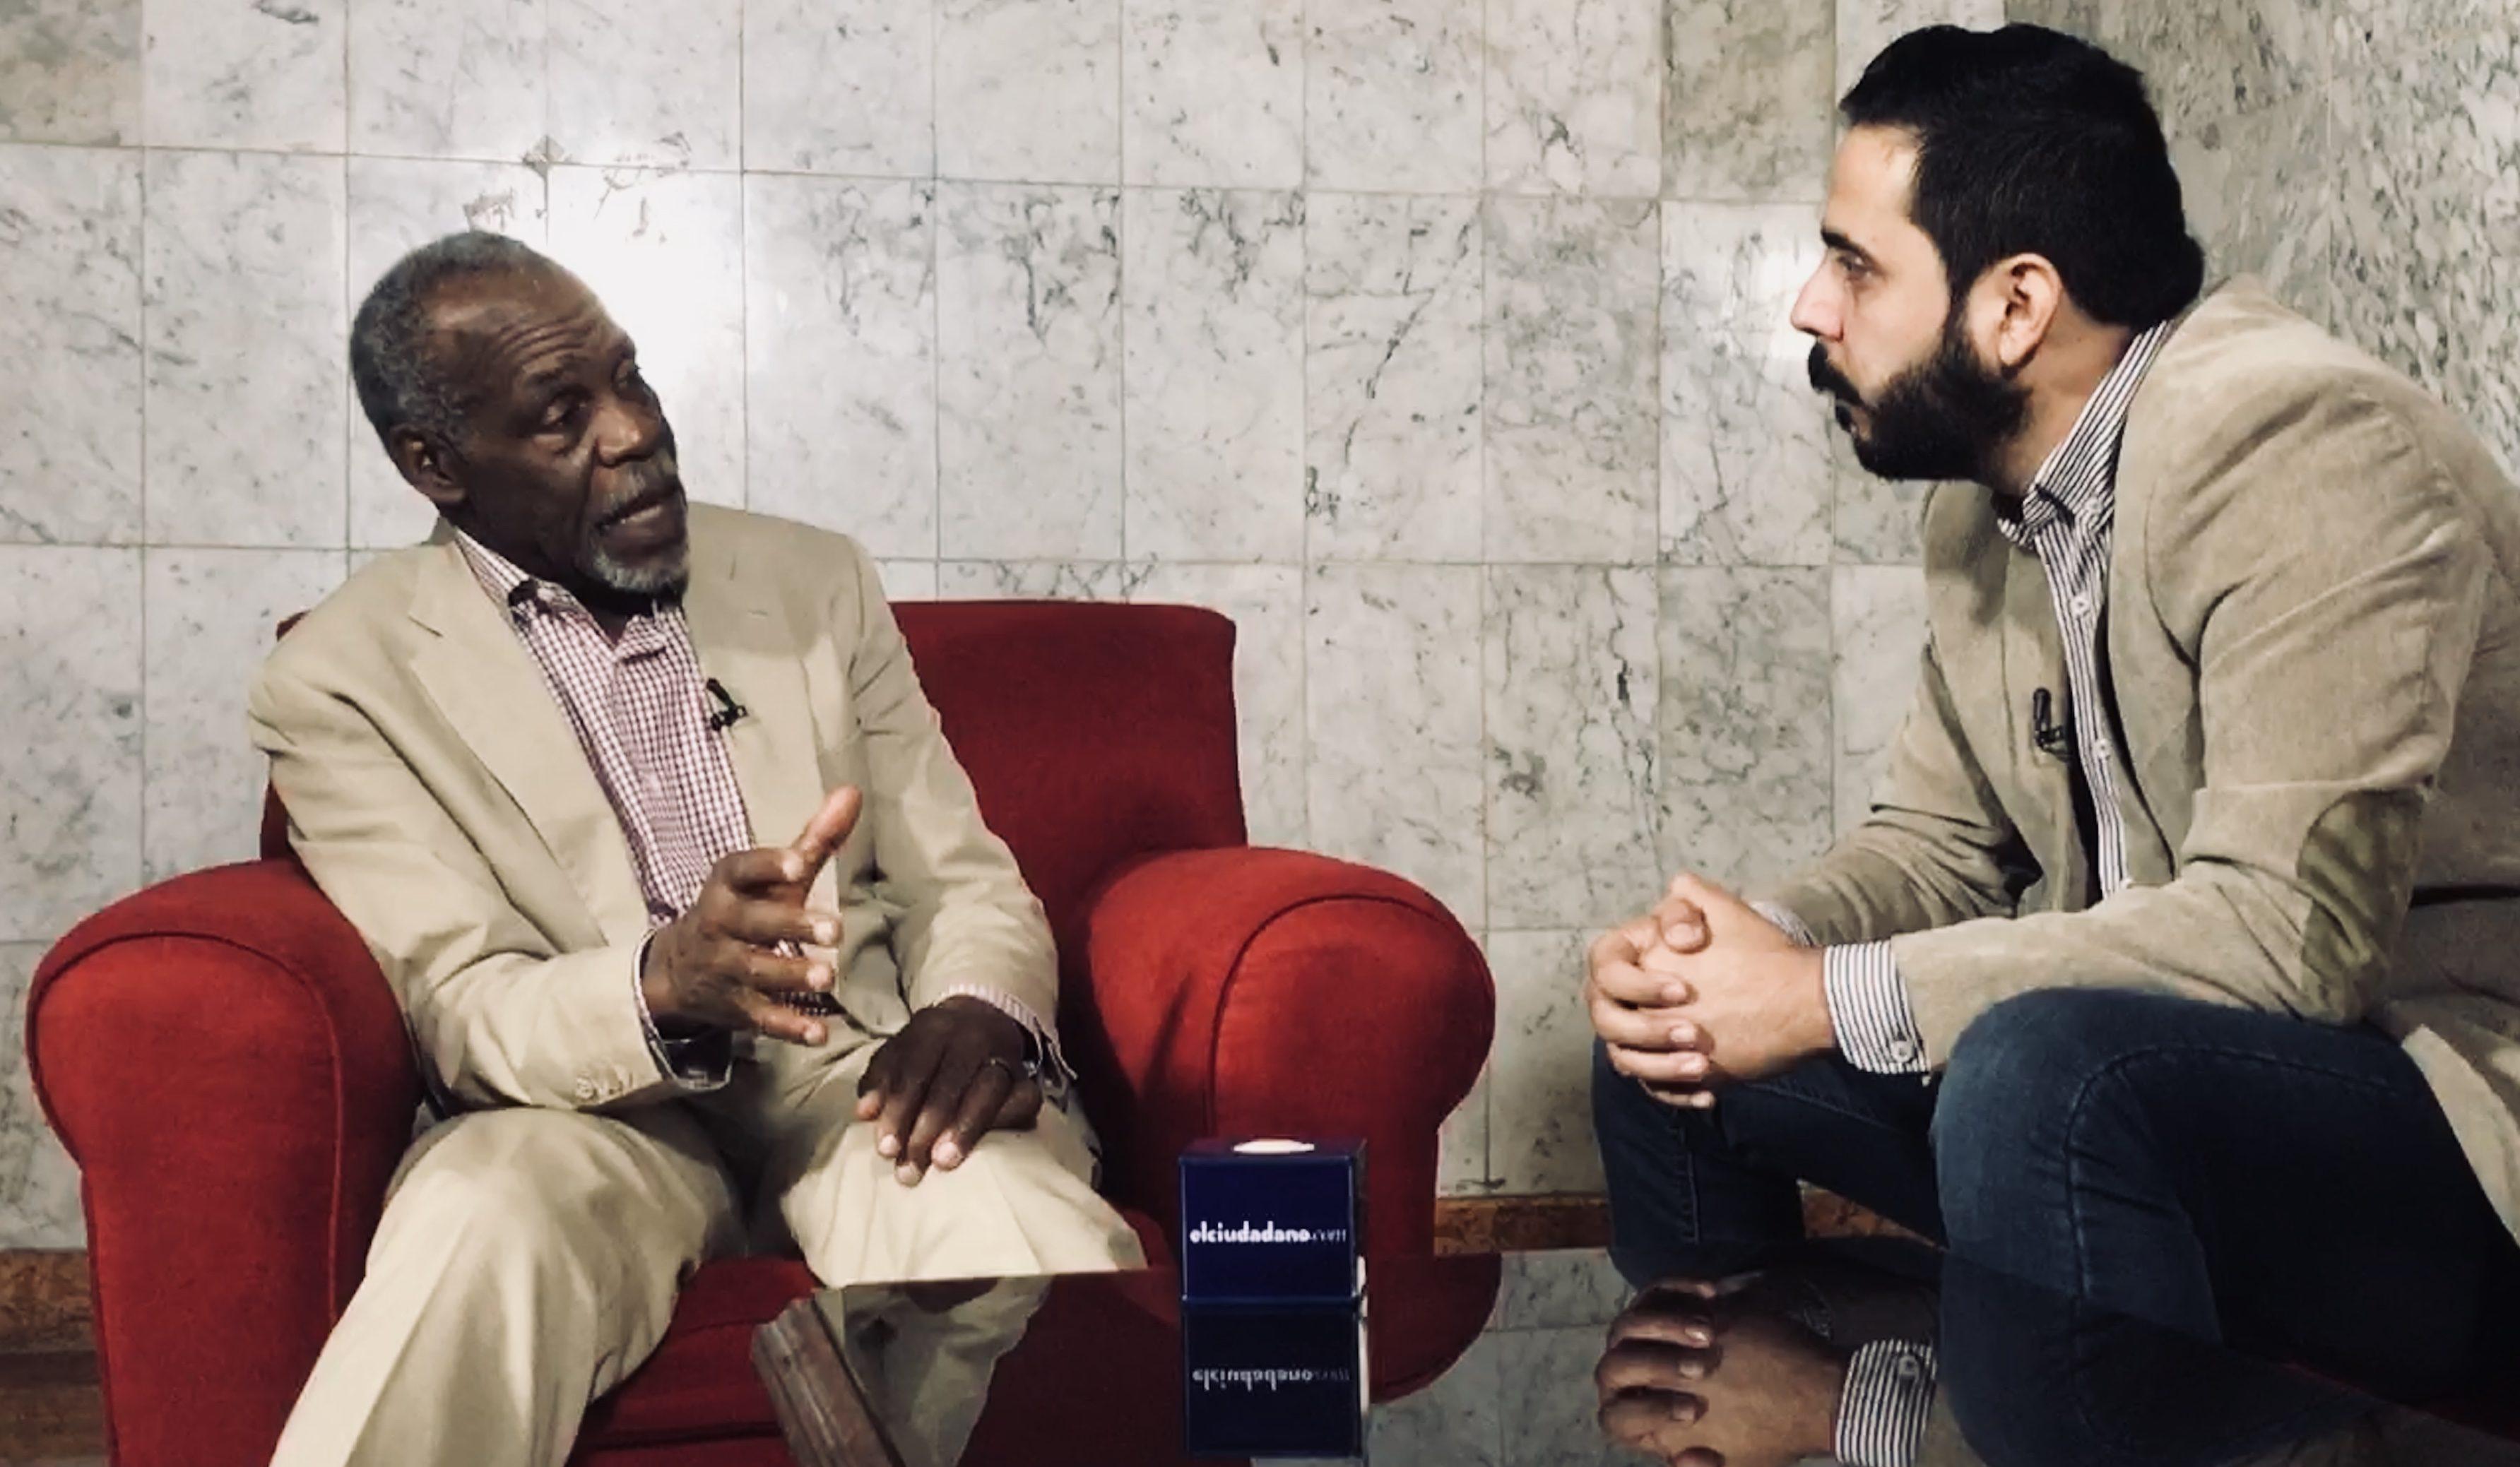 Estuvimos con Dany Glover, invitado a la firma del Decenio Internacional para los afrodescendientes 2015-2025